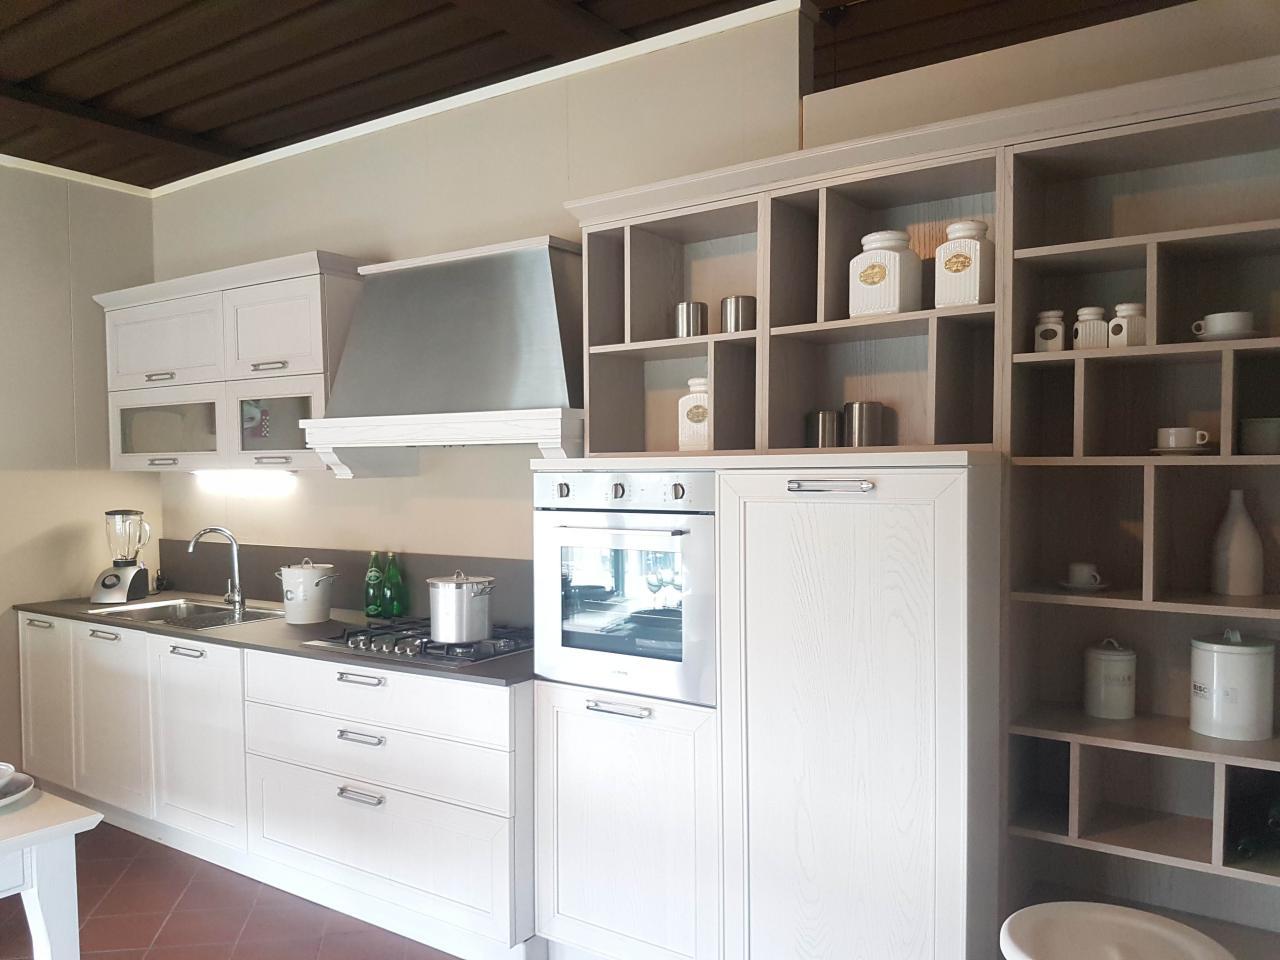 cucina-stosa-modello-maxim-1 | Arredamento Casa e Cucina a ...